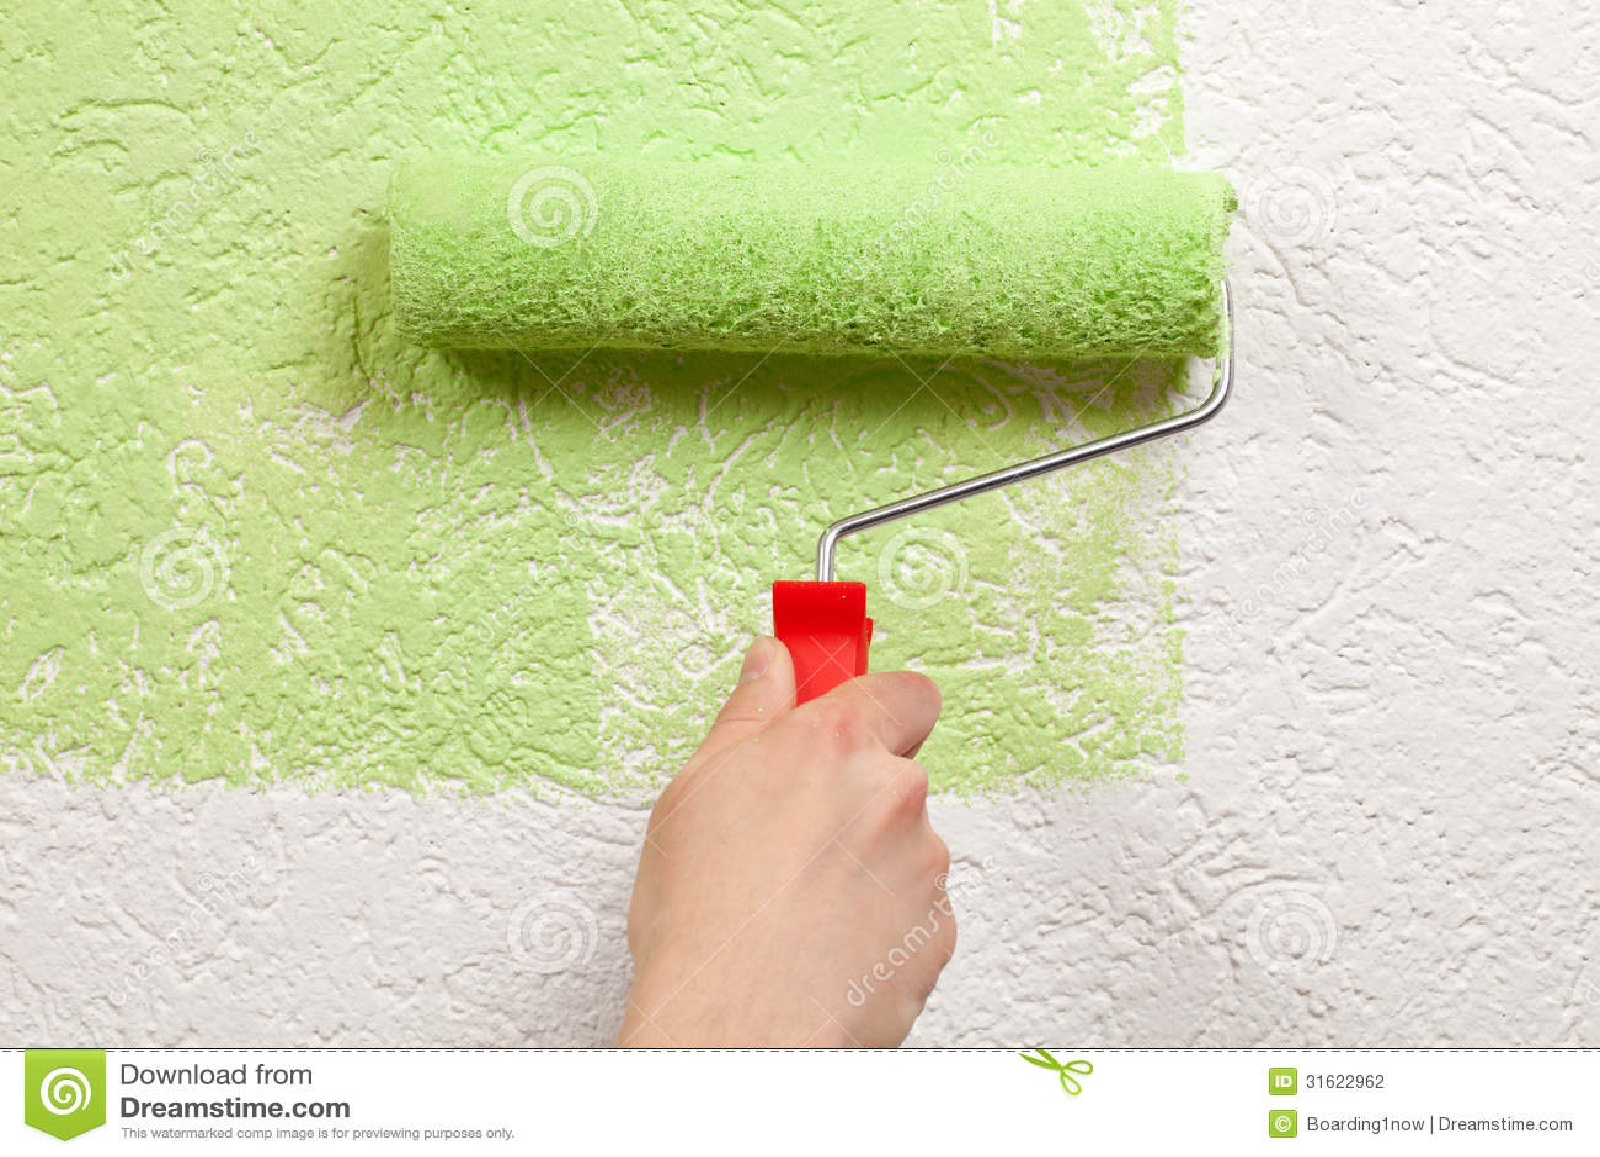 Покраска обоев своими руками